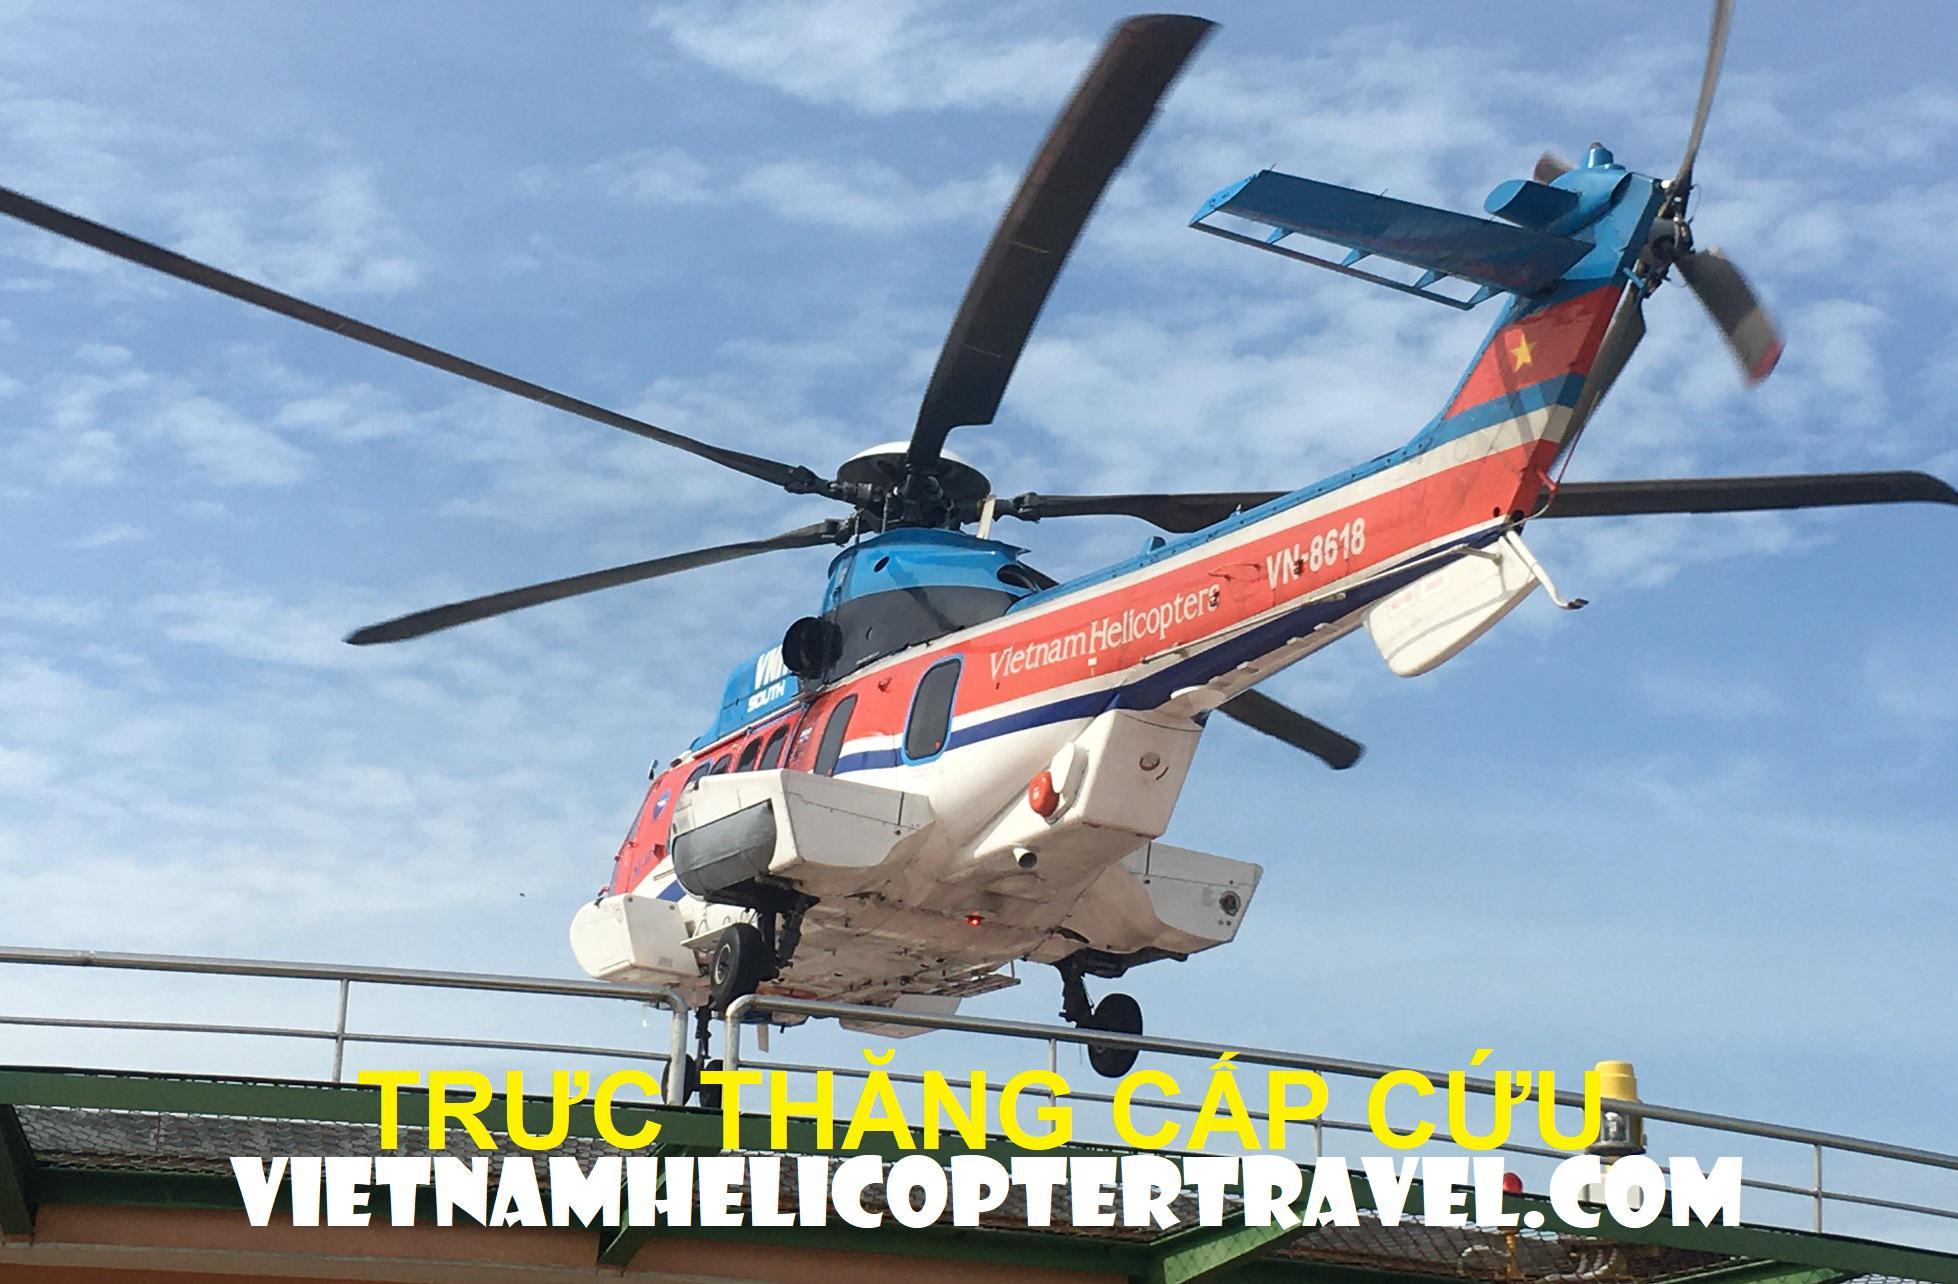 Cho thuê trực thăng cấp cứu khẩn cấp giá ưu đãi